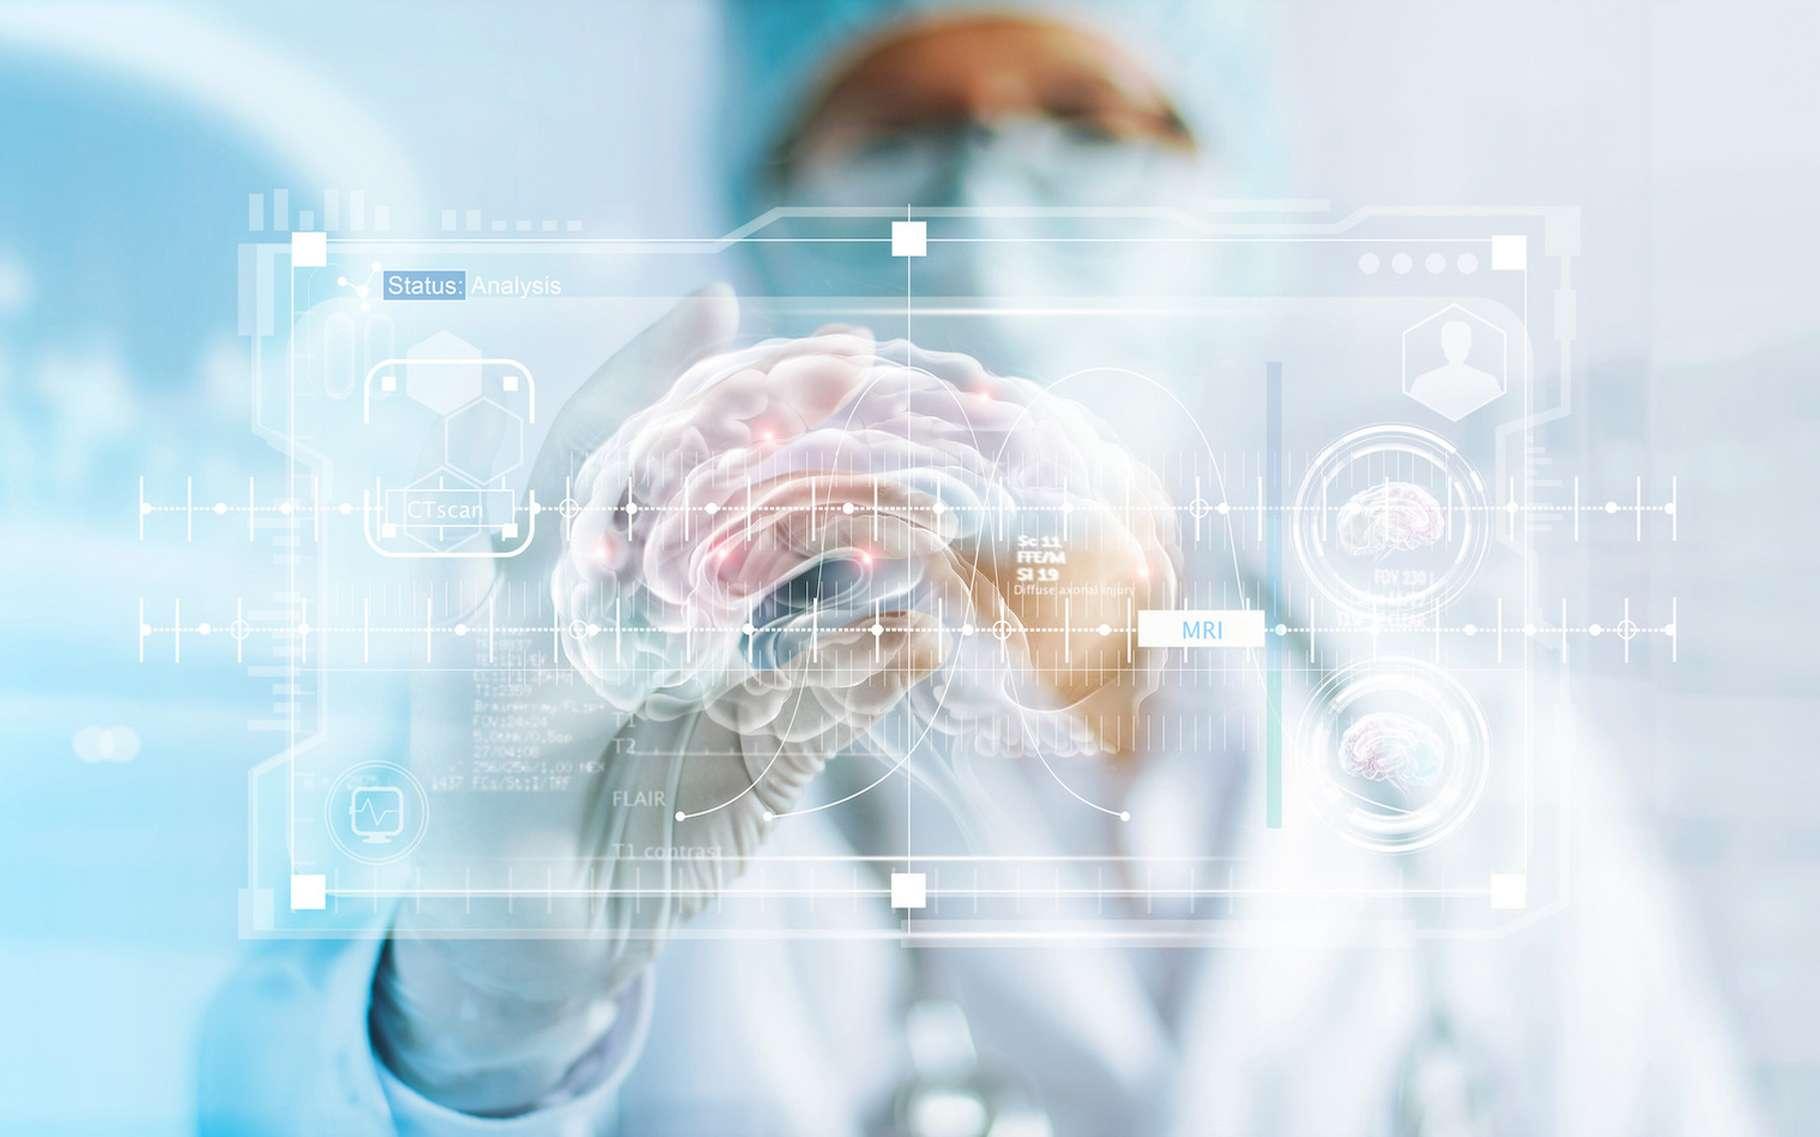 Des chercheurs ont analysé une grande quantité de données pour mettre au point un modèle d'évolution du cerveau qui leur a permis d'estimer des points de divergence entre des sujets sains et des sujets atteints de la maladie d'Alzheimer. © ipopba, Fotolia